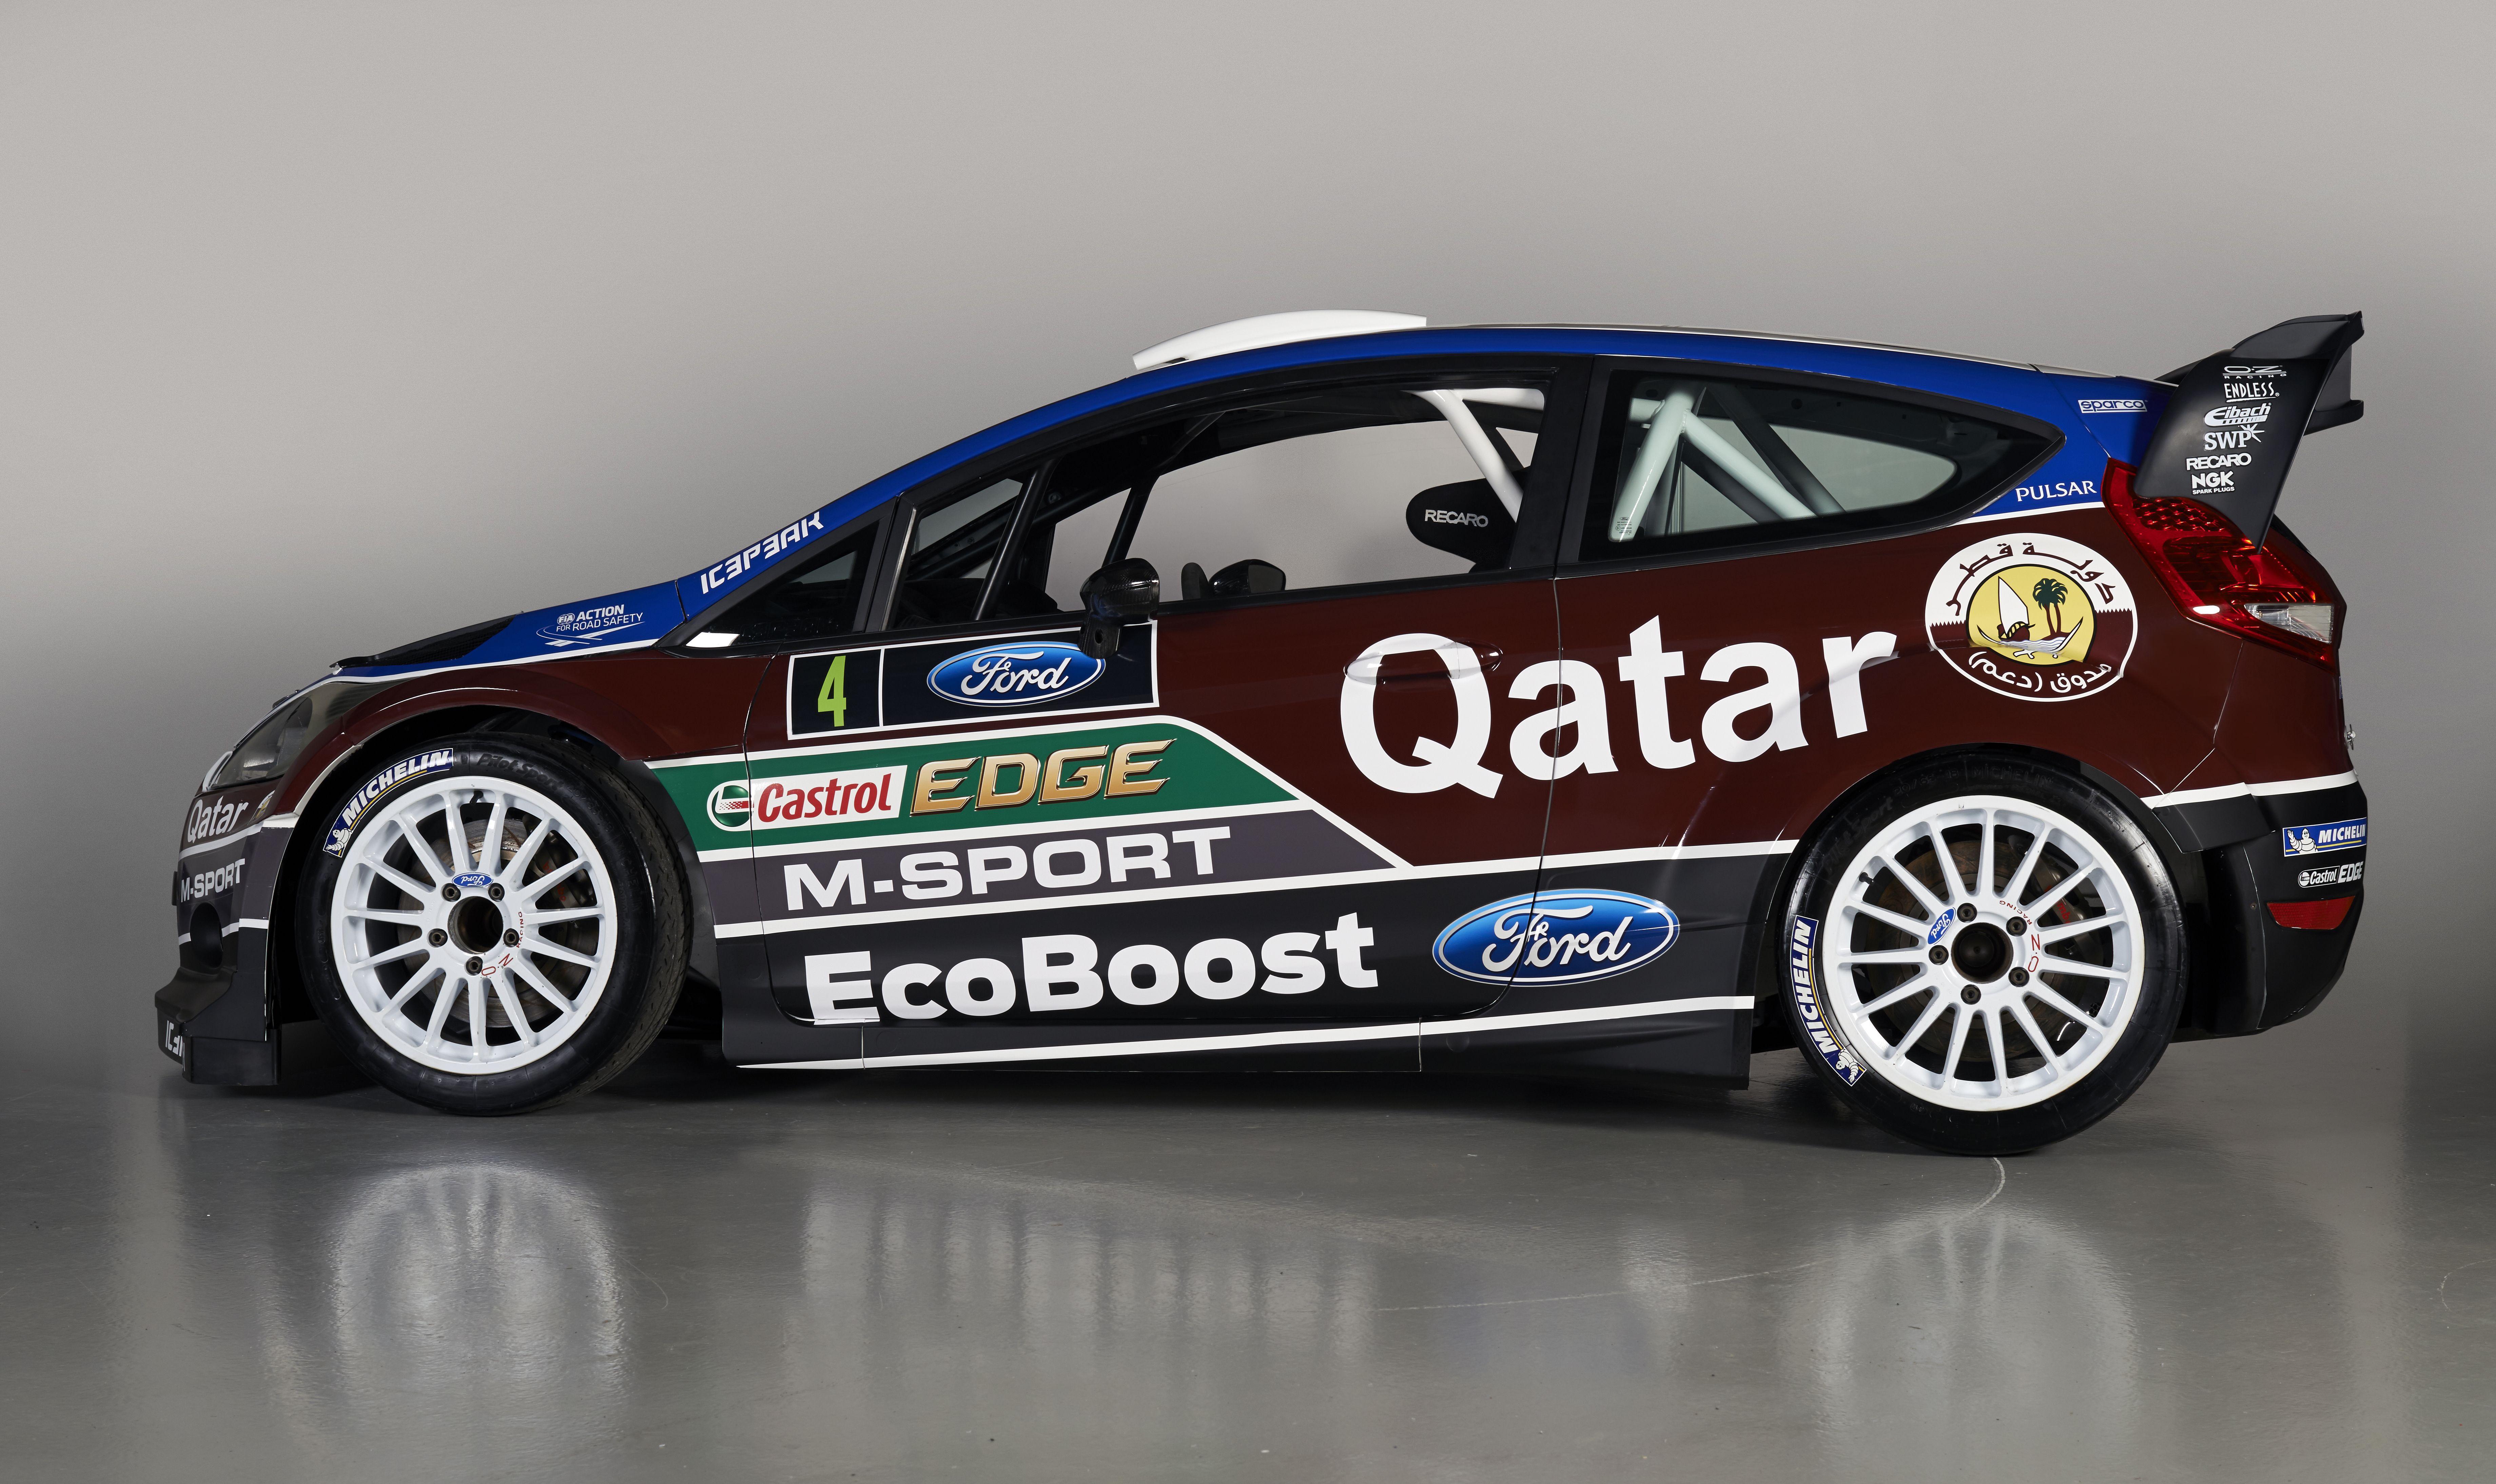 Nz Rally Calendar 2013 Chrissport Qatar M Sport World Rally Team Unveils 2013 Wrc Challenger